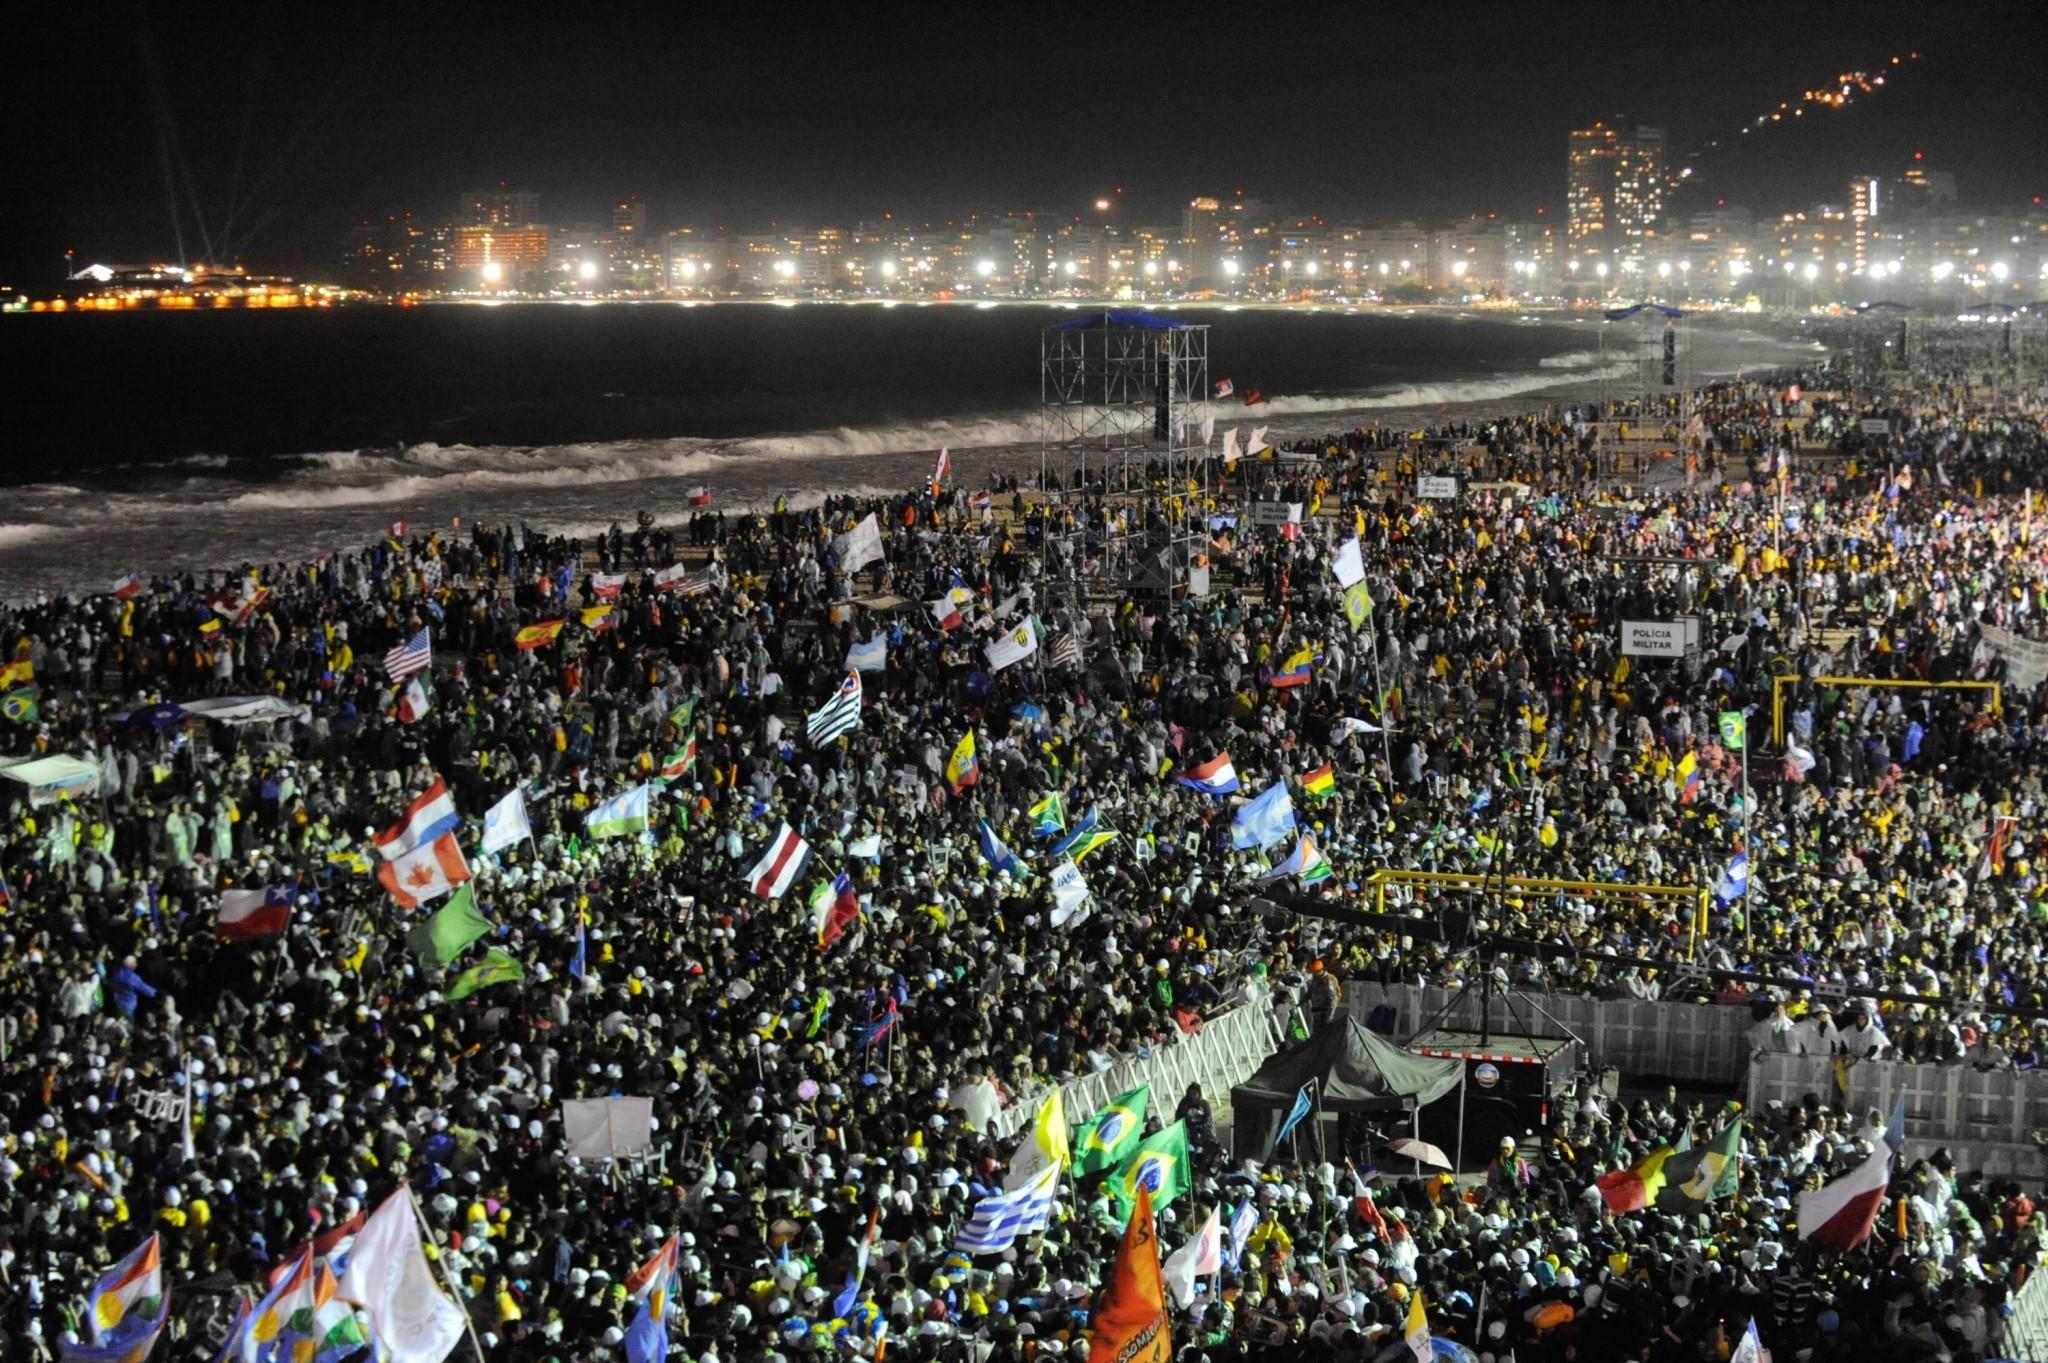 Światowe Dni Młodzieży 2013 w Rio de Janeiro (fot. Wikimedia Commons) - czy Kraków będzie gotów na podobny zalew pielgrzymami?